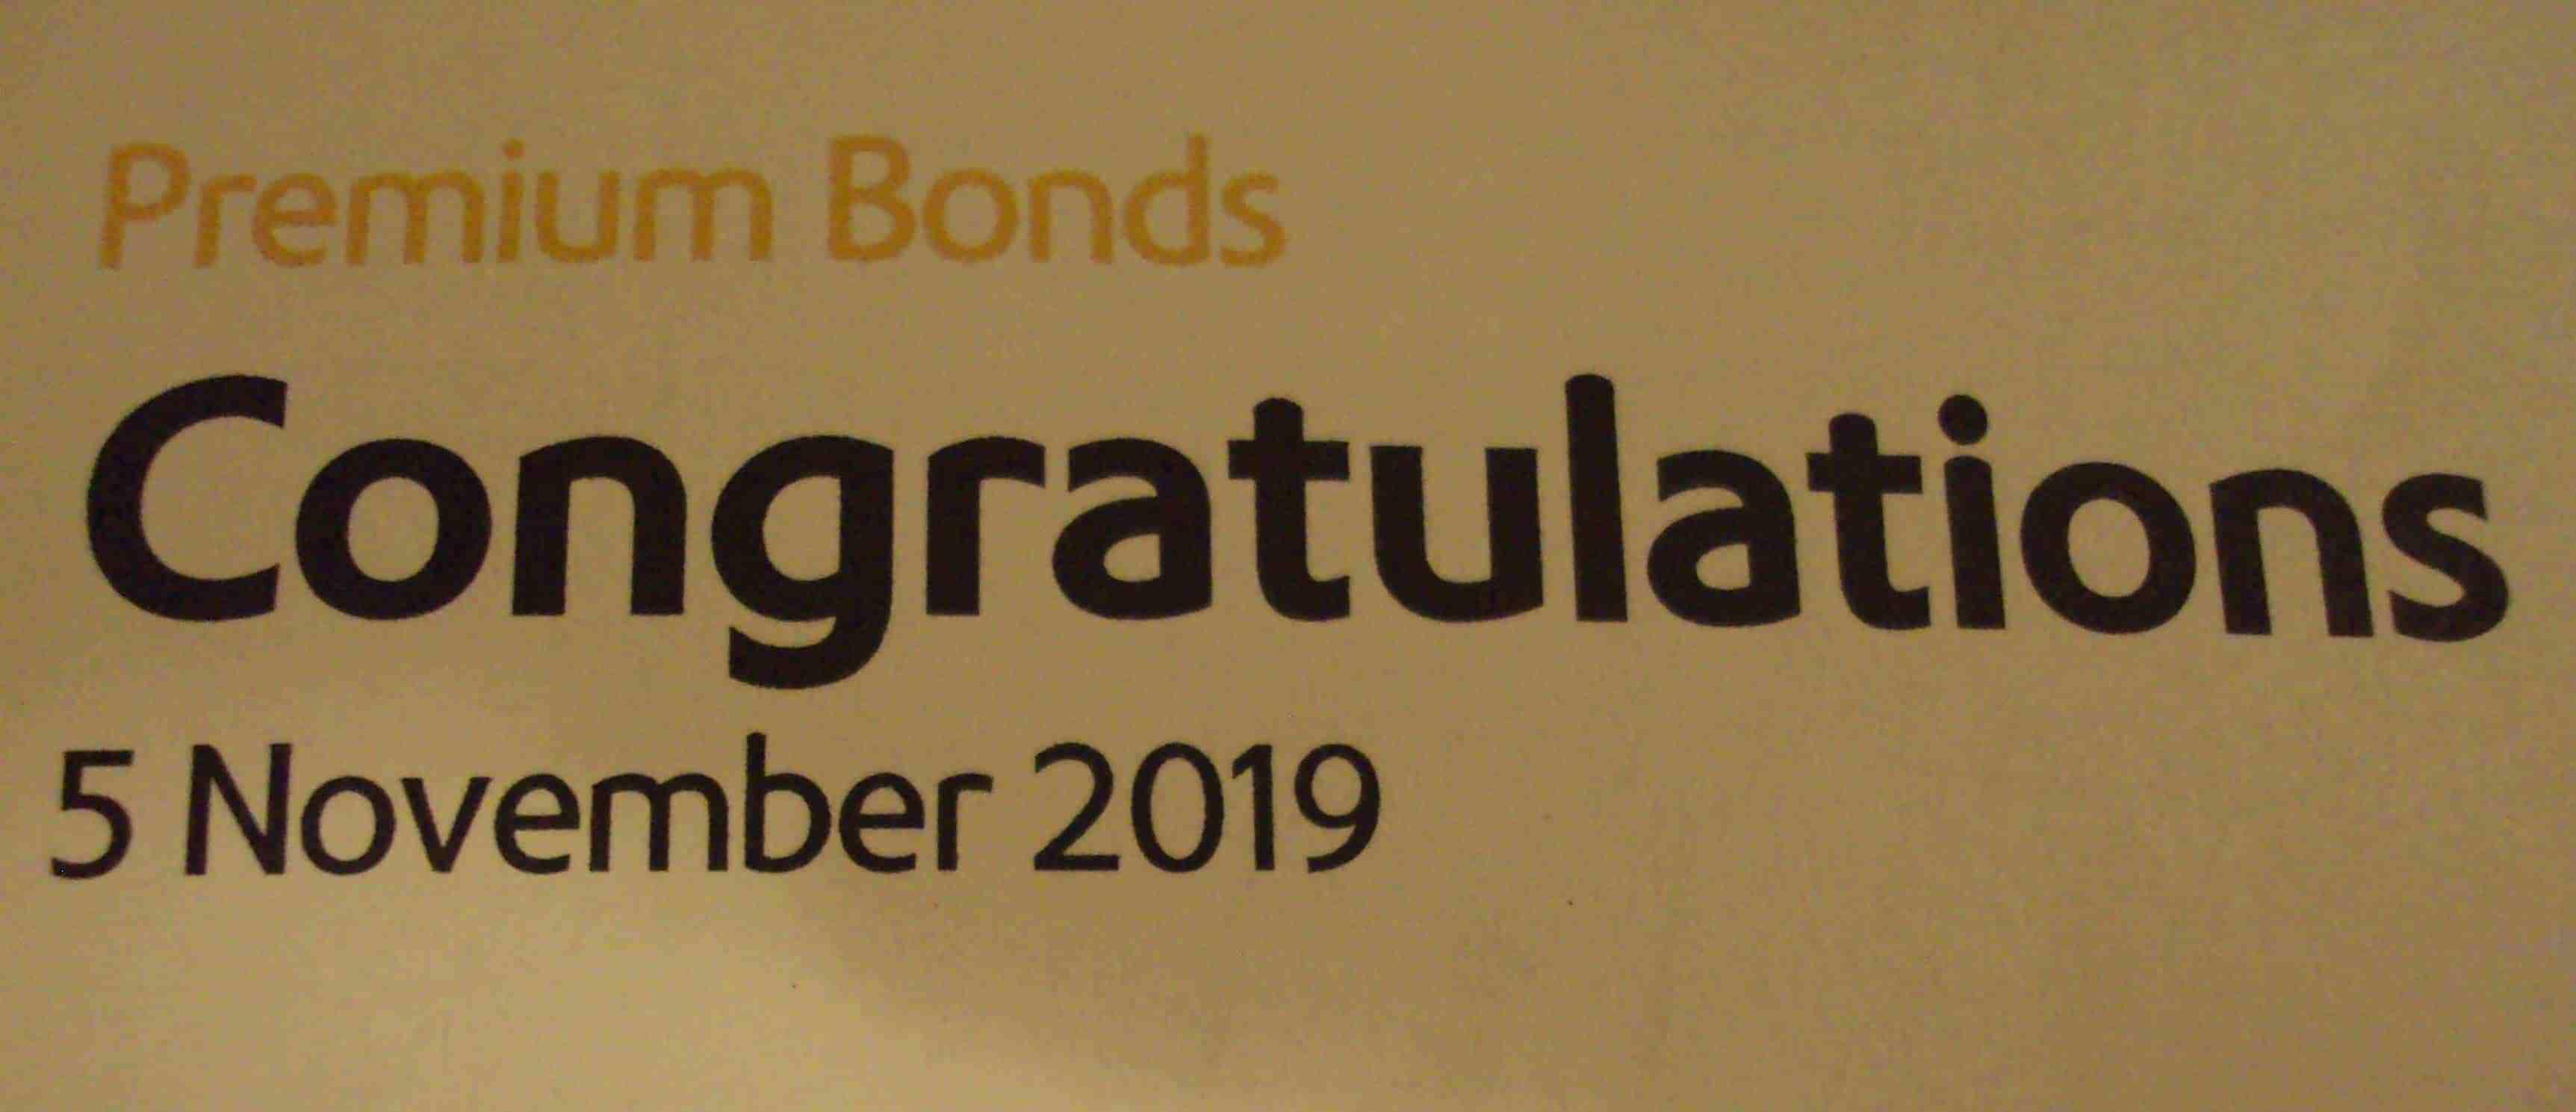 Premium Bond